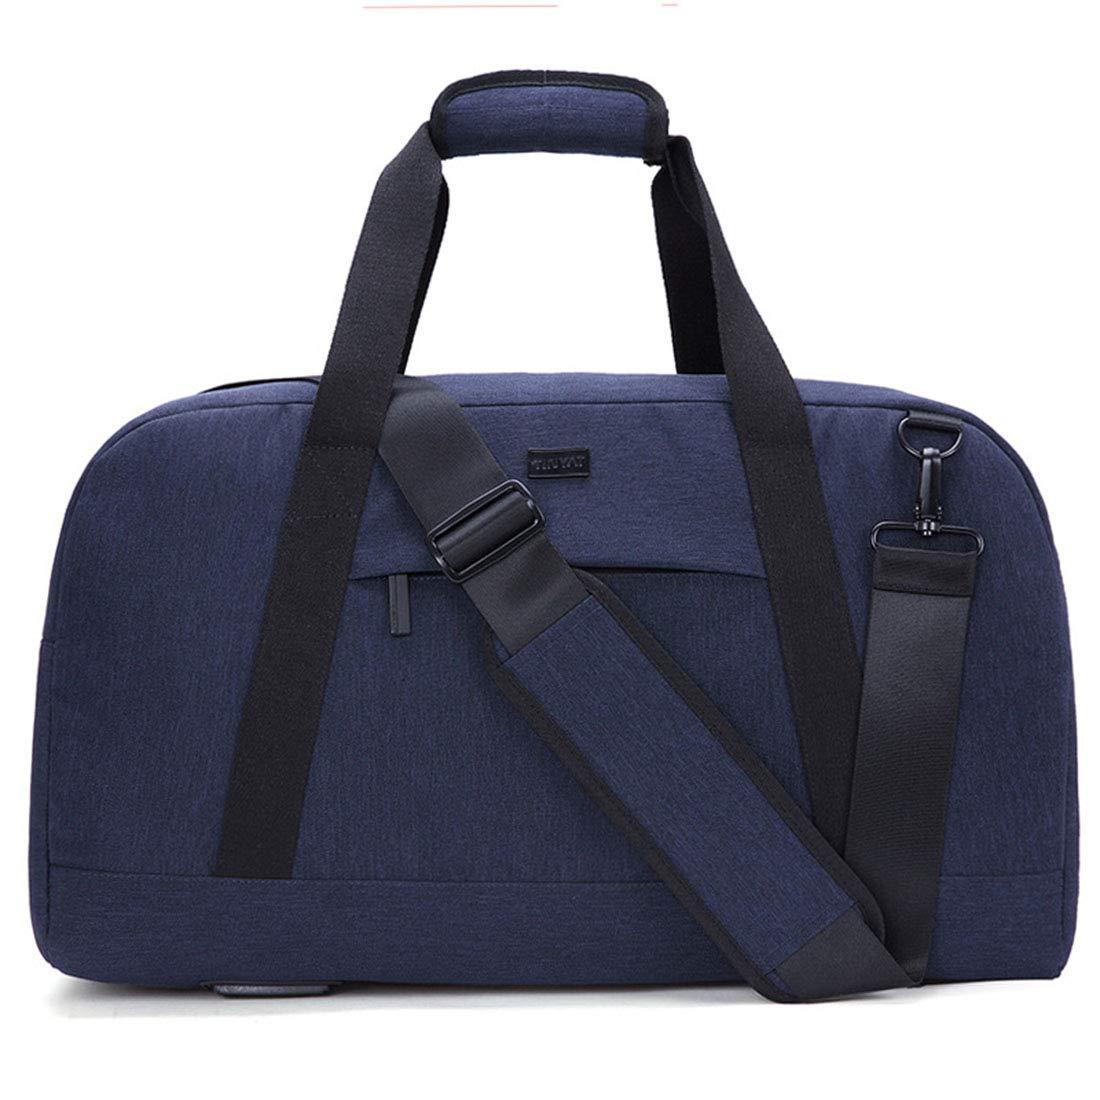 RABILTY Travel Bag Large-Capacity Wear-Resistant Mobile Messenger Bag Fashion Sports and Fitness Travel Shoulder Bag Color : Blue